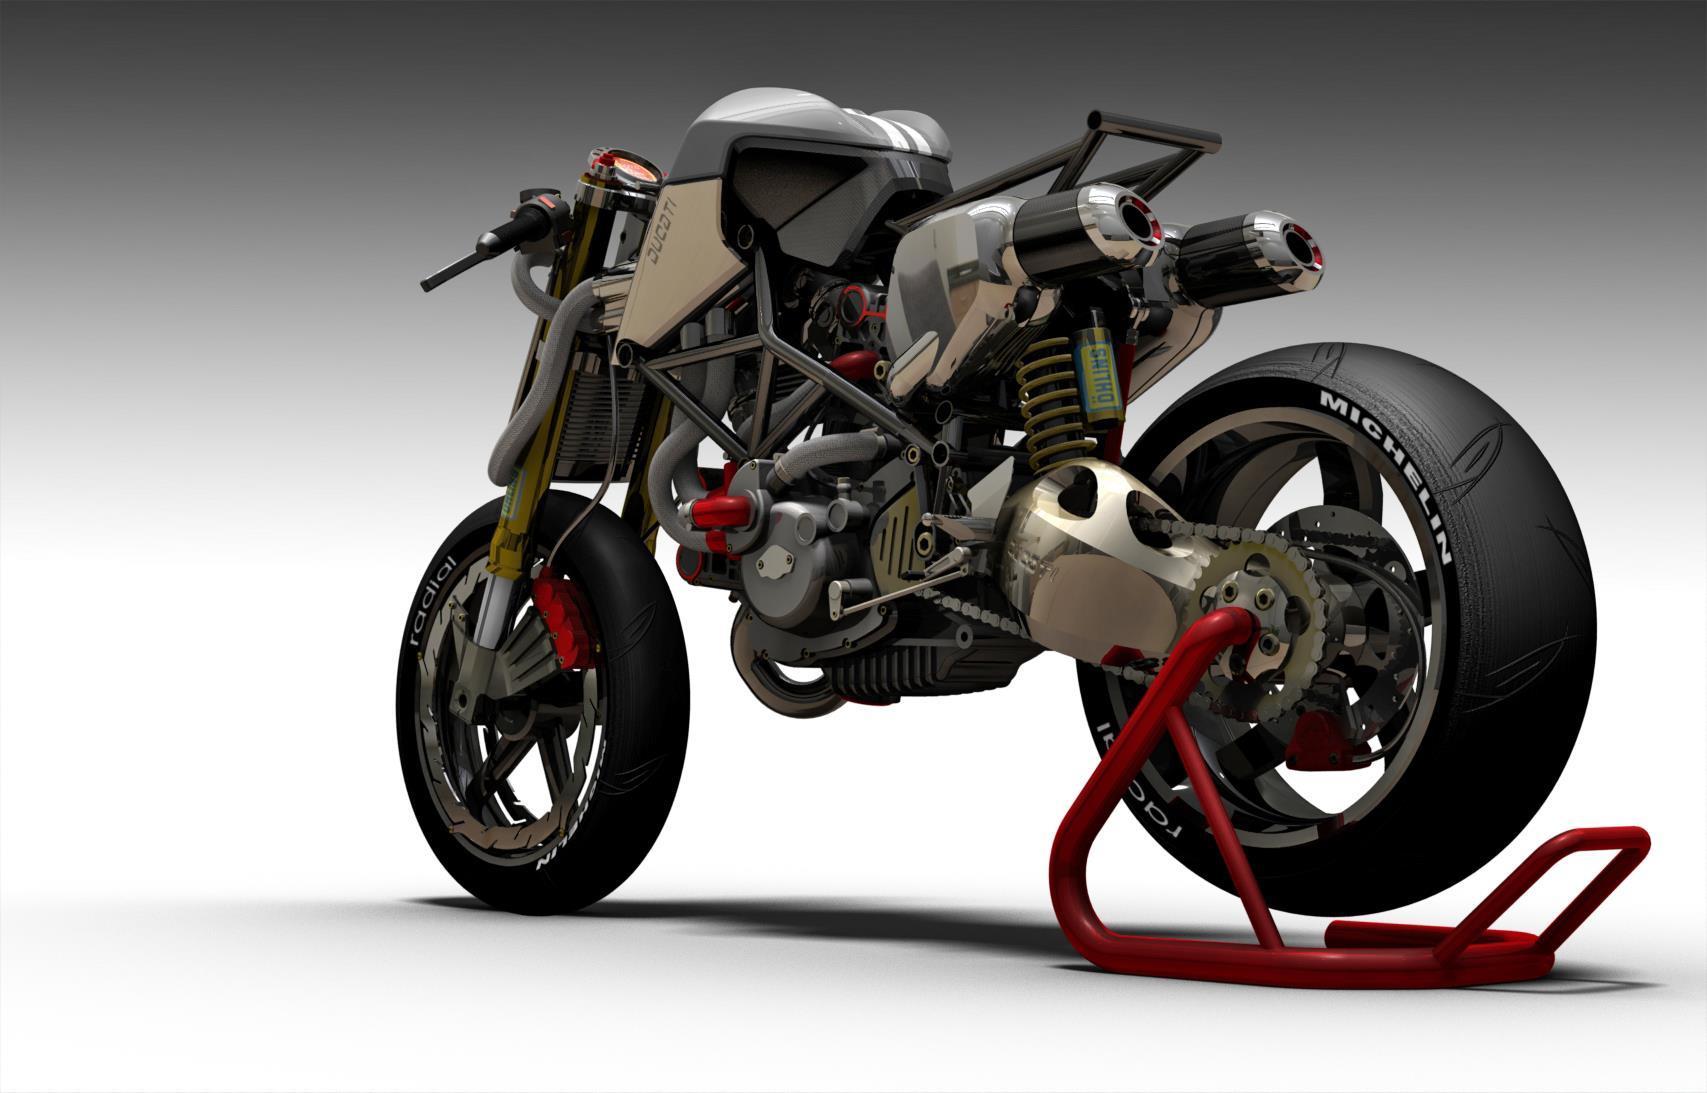 Ducati S2 Braida Concept Fighter By Paolo Tesio